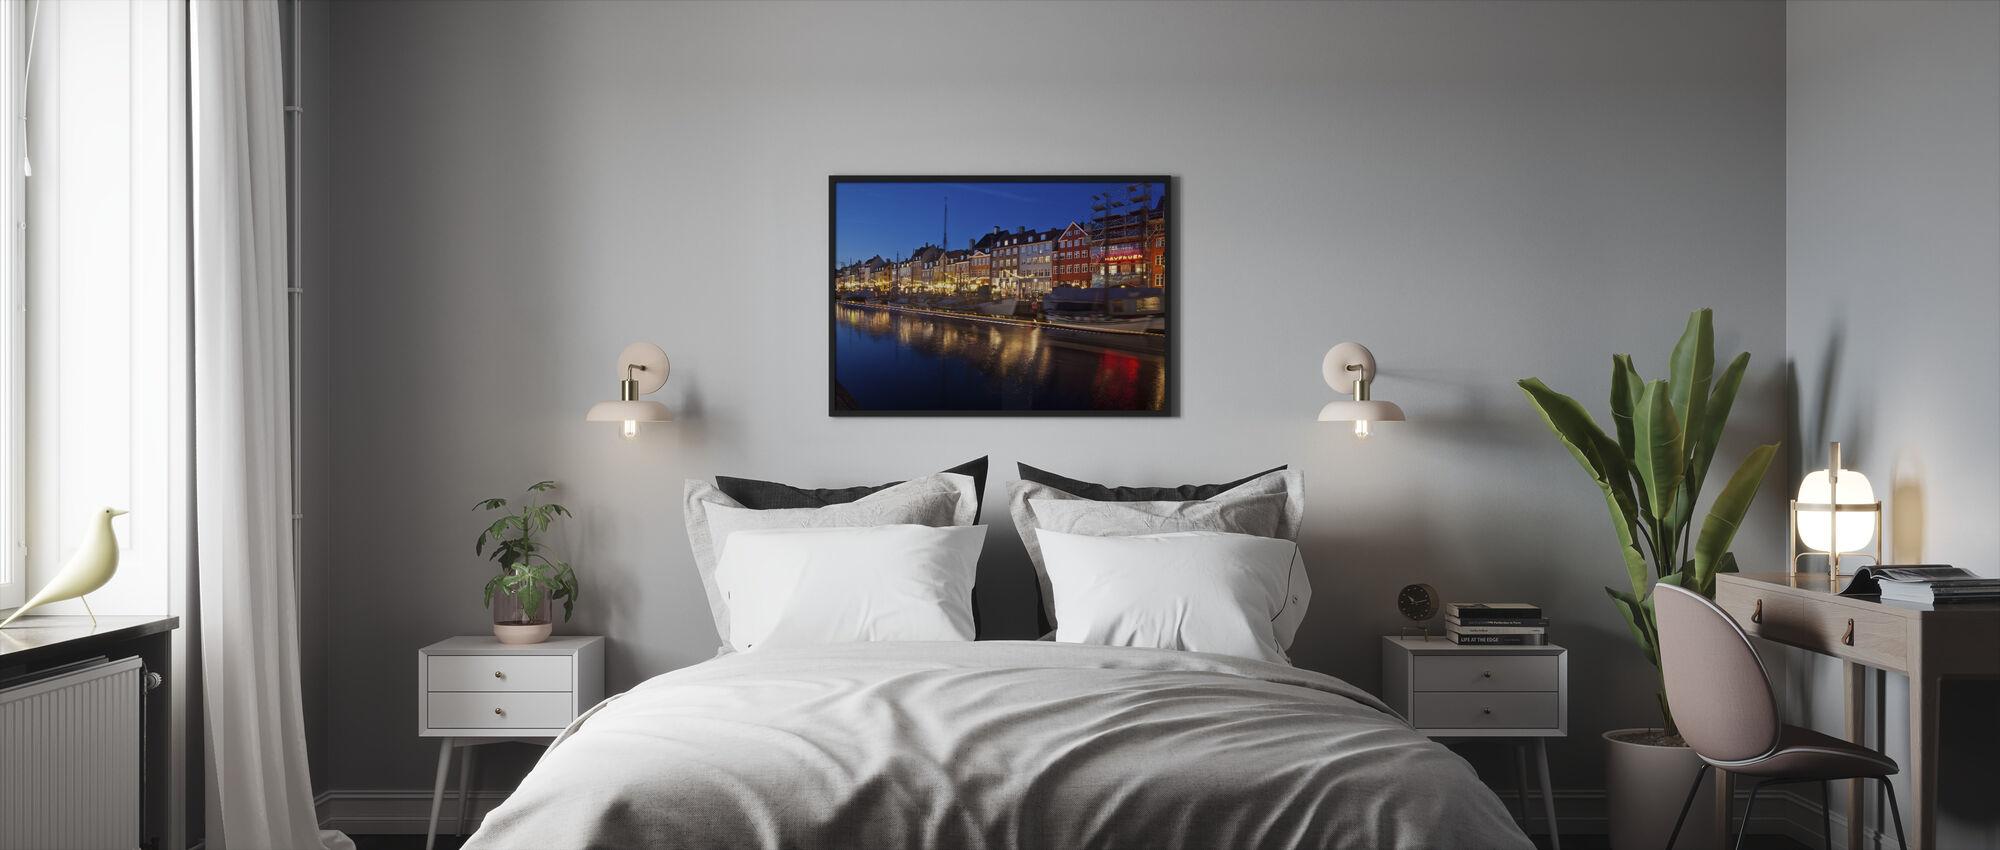 Noche en Nyhavn, Copenhague, Dinamarca - Print enmarcado - Dormitorio